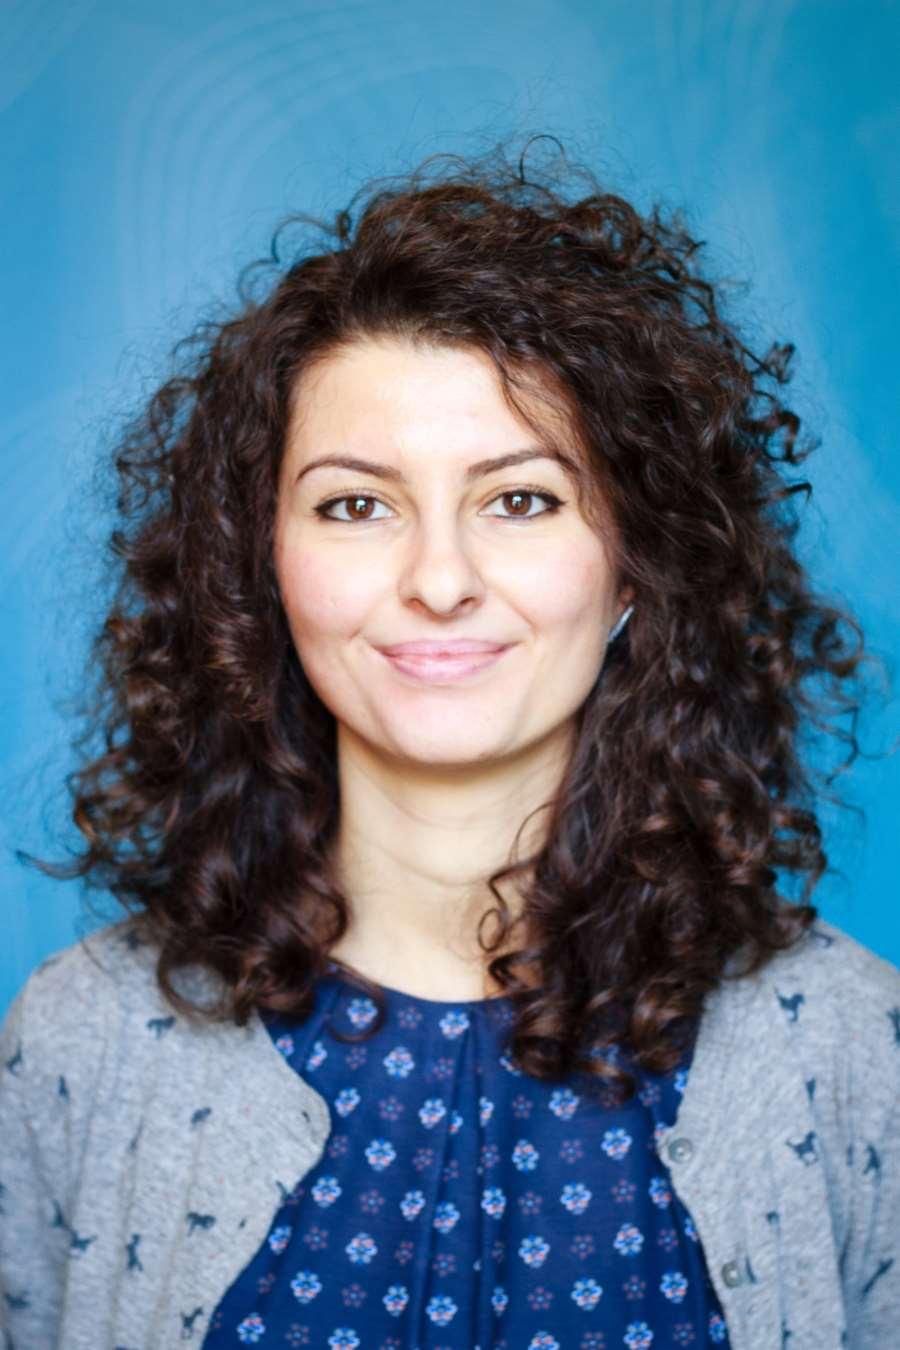 Successful PhD Defence by Noor Jdid